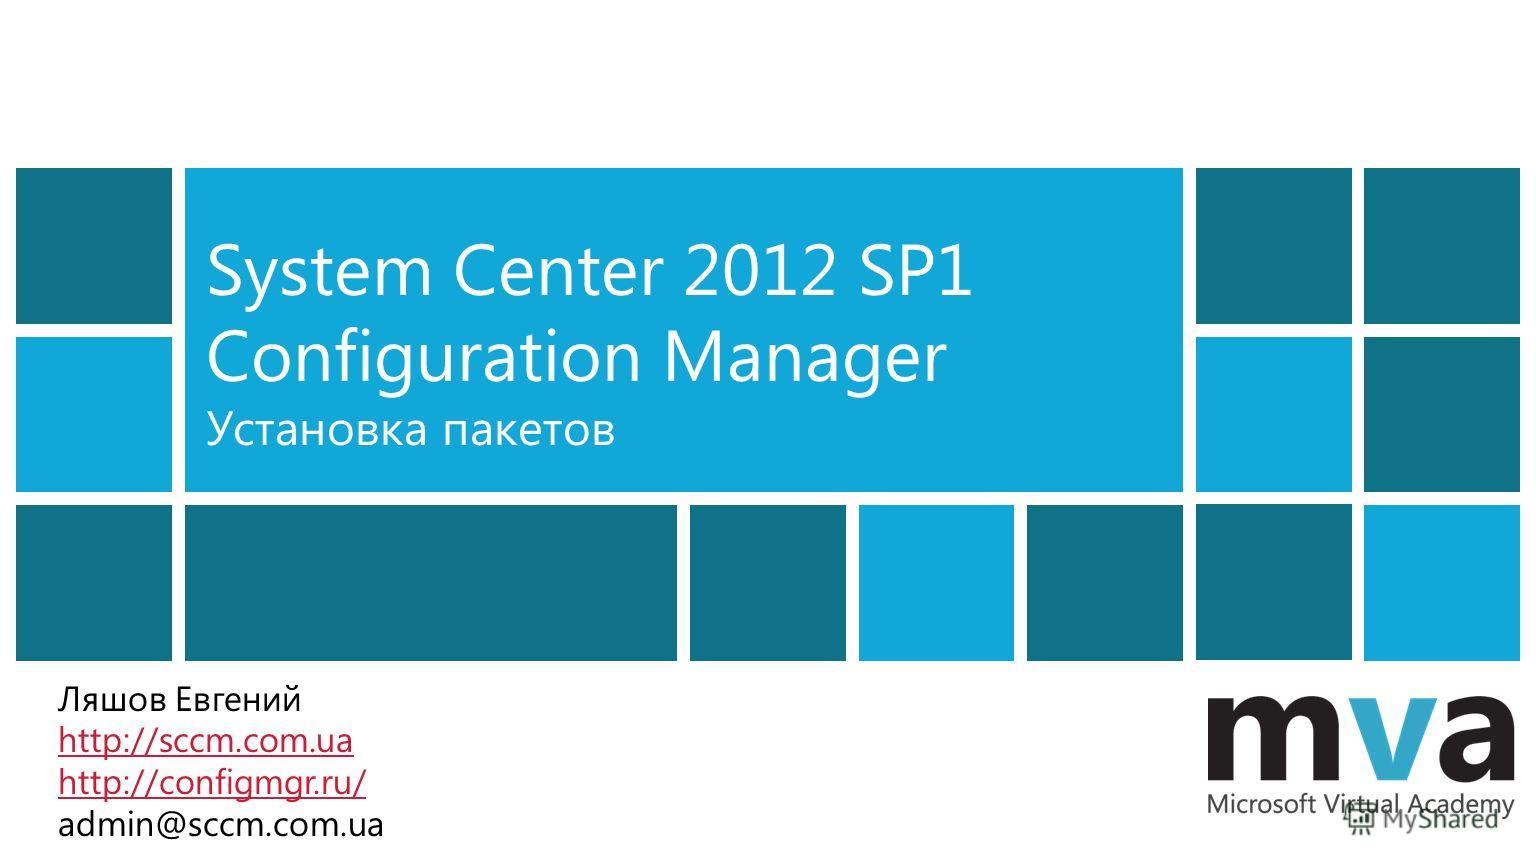 System Center 2012 SP1 Configuration Manager Установка пакетов Ляшов Евгений http://sccm.com.ua http://configmgr.ru/ admin@sccm.com.ua